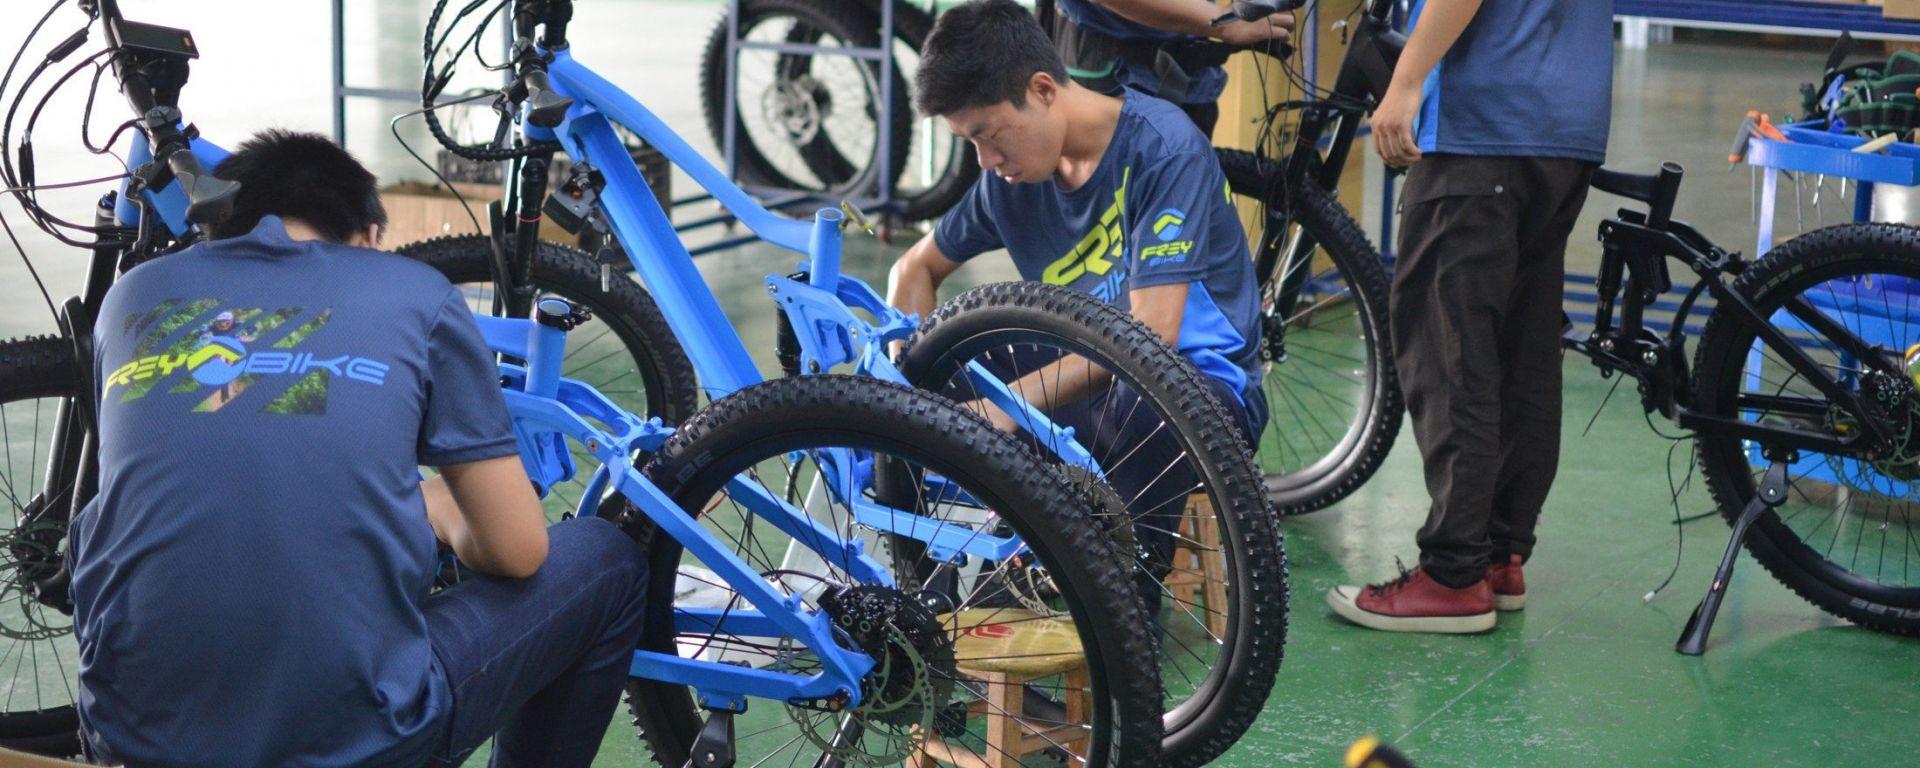 Mercato biciclette 2021: crisi di fornitura